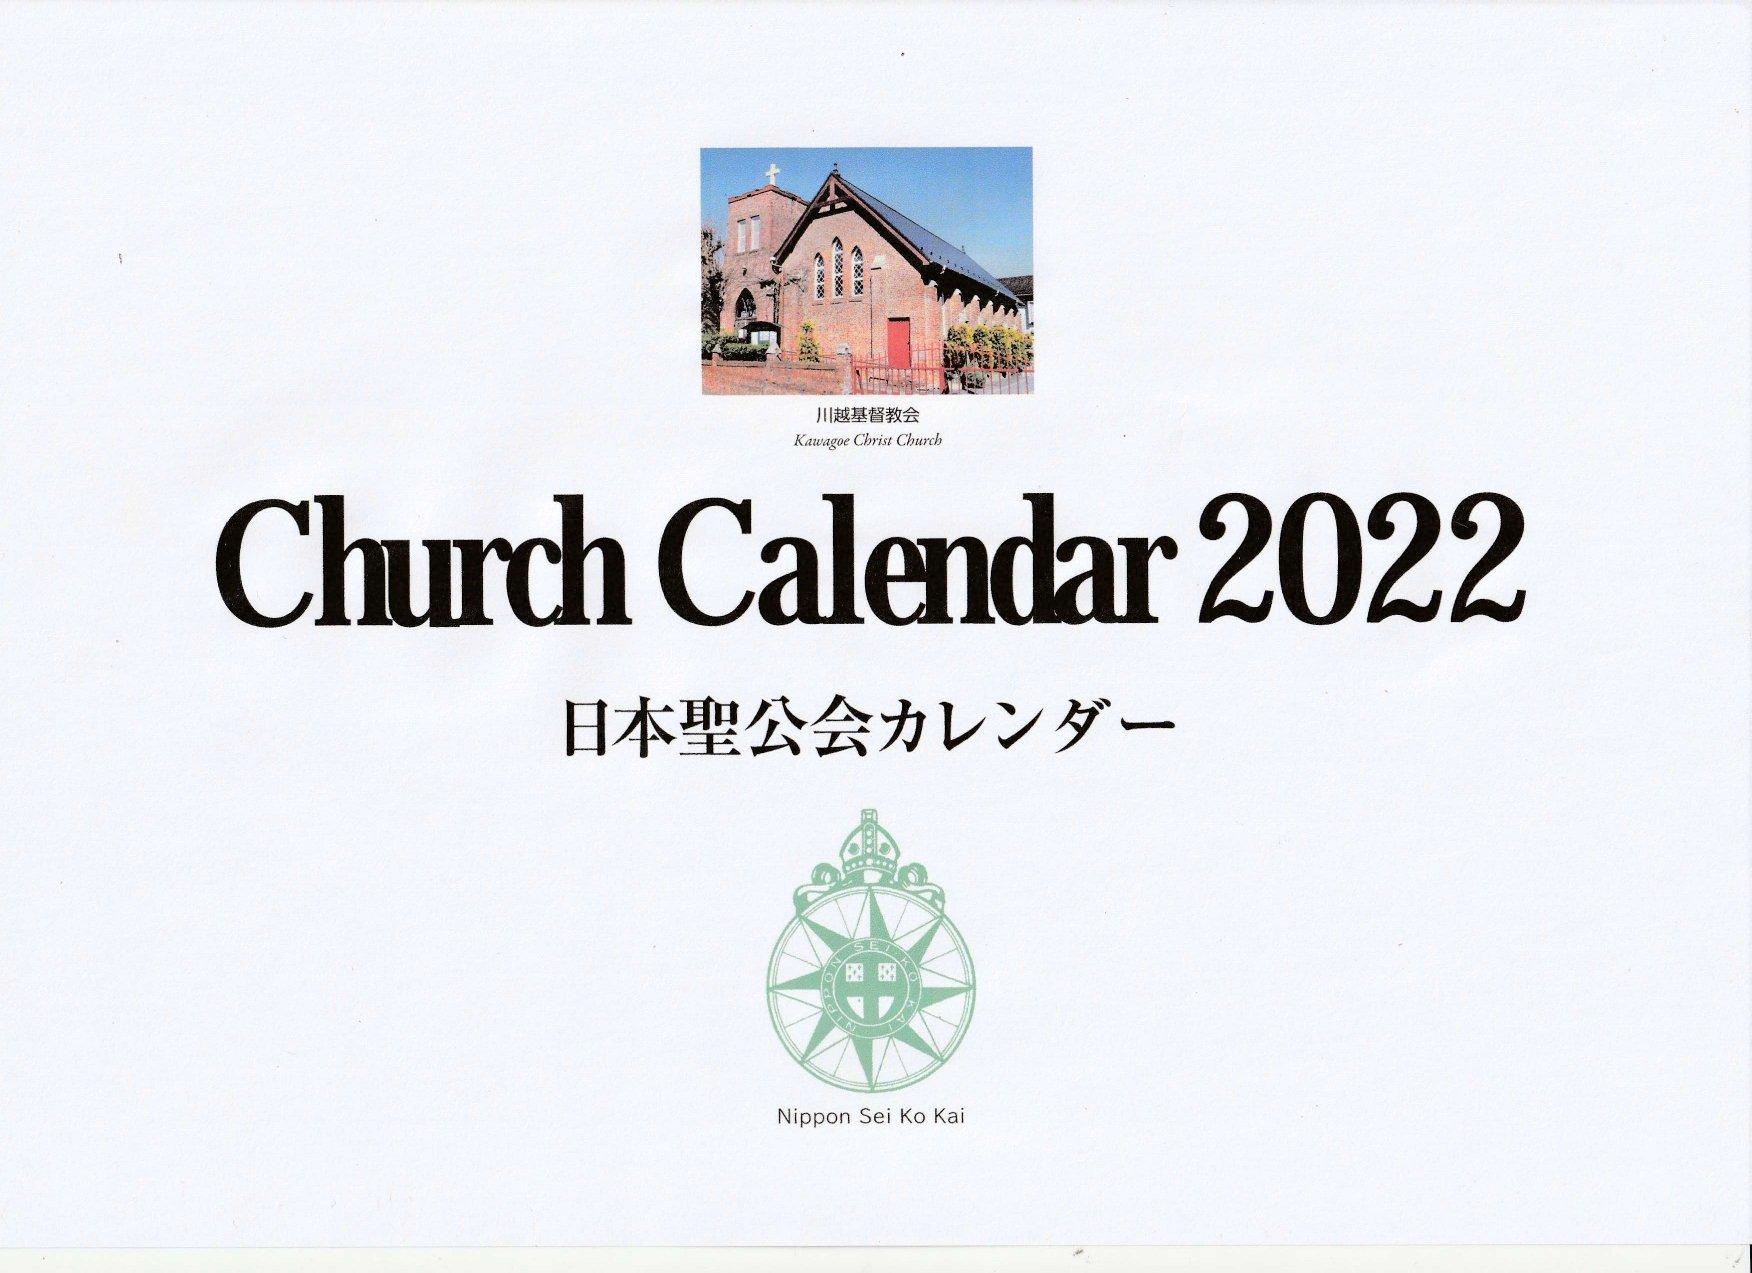 日本聖公会カレンダー<br>Church Calendar 2022の商品画像